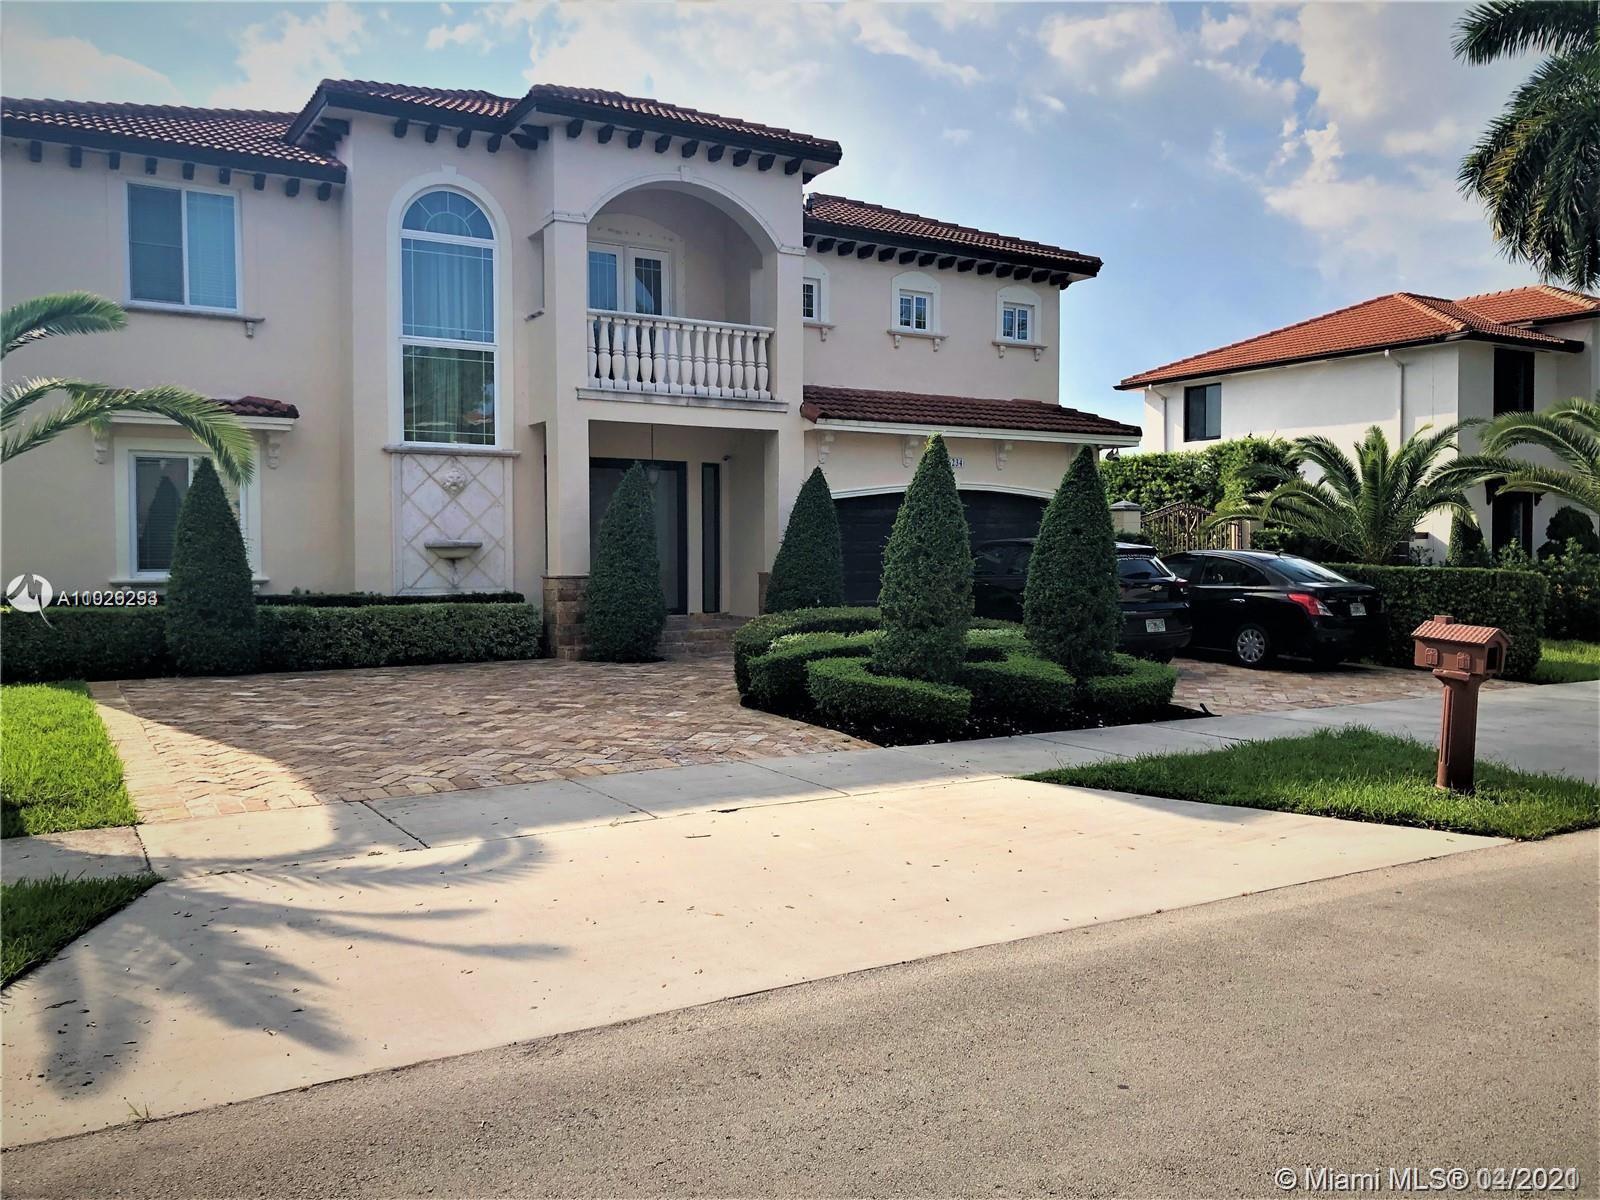 Miami Lakes - 16234 NW 86th Ct, Miami Lakes, FL 33016